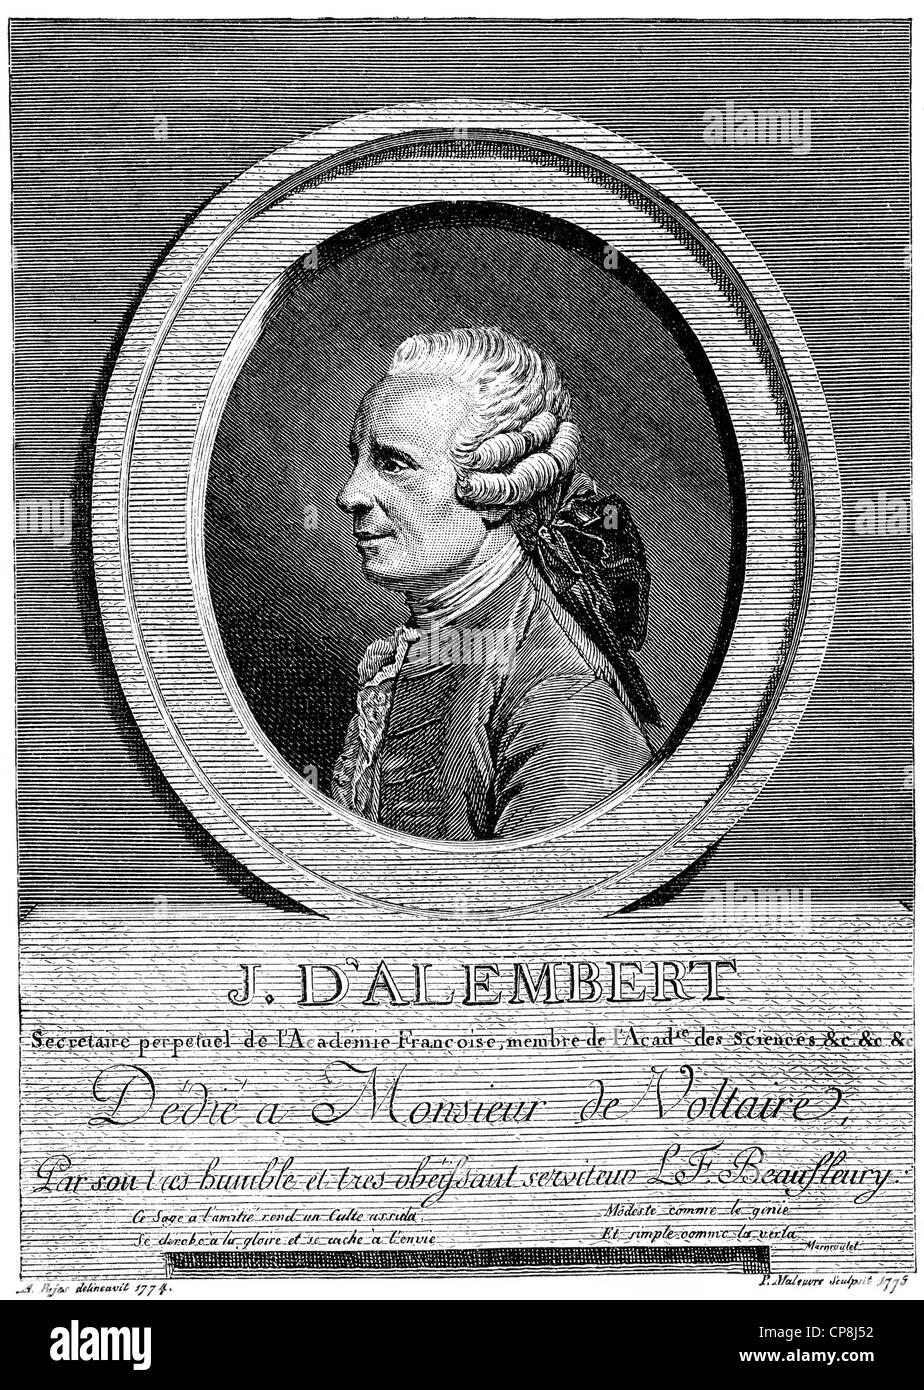 Jean-Baptiste le Rond également connu sous le nom de D'Alembert, 1717 - 1783, un mathématicien français, Photo Stock